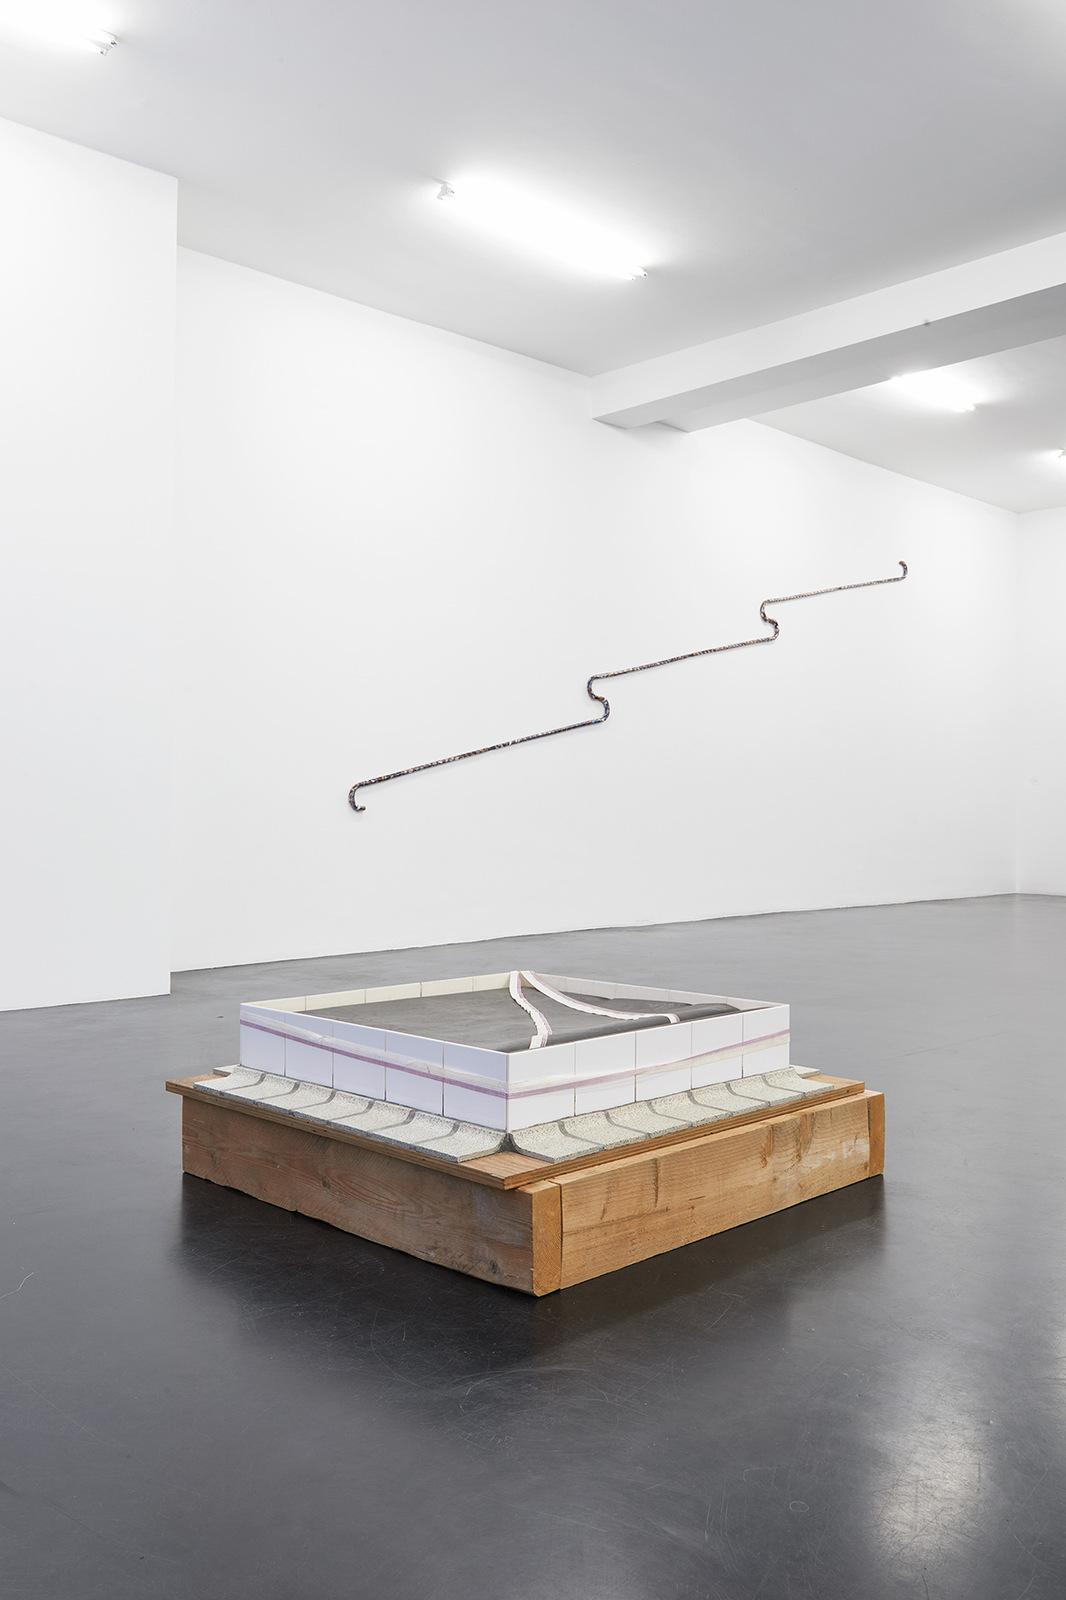 Ger van Elk_Installation View_6_Markus Luettgen Gallery